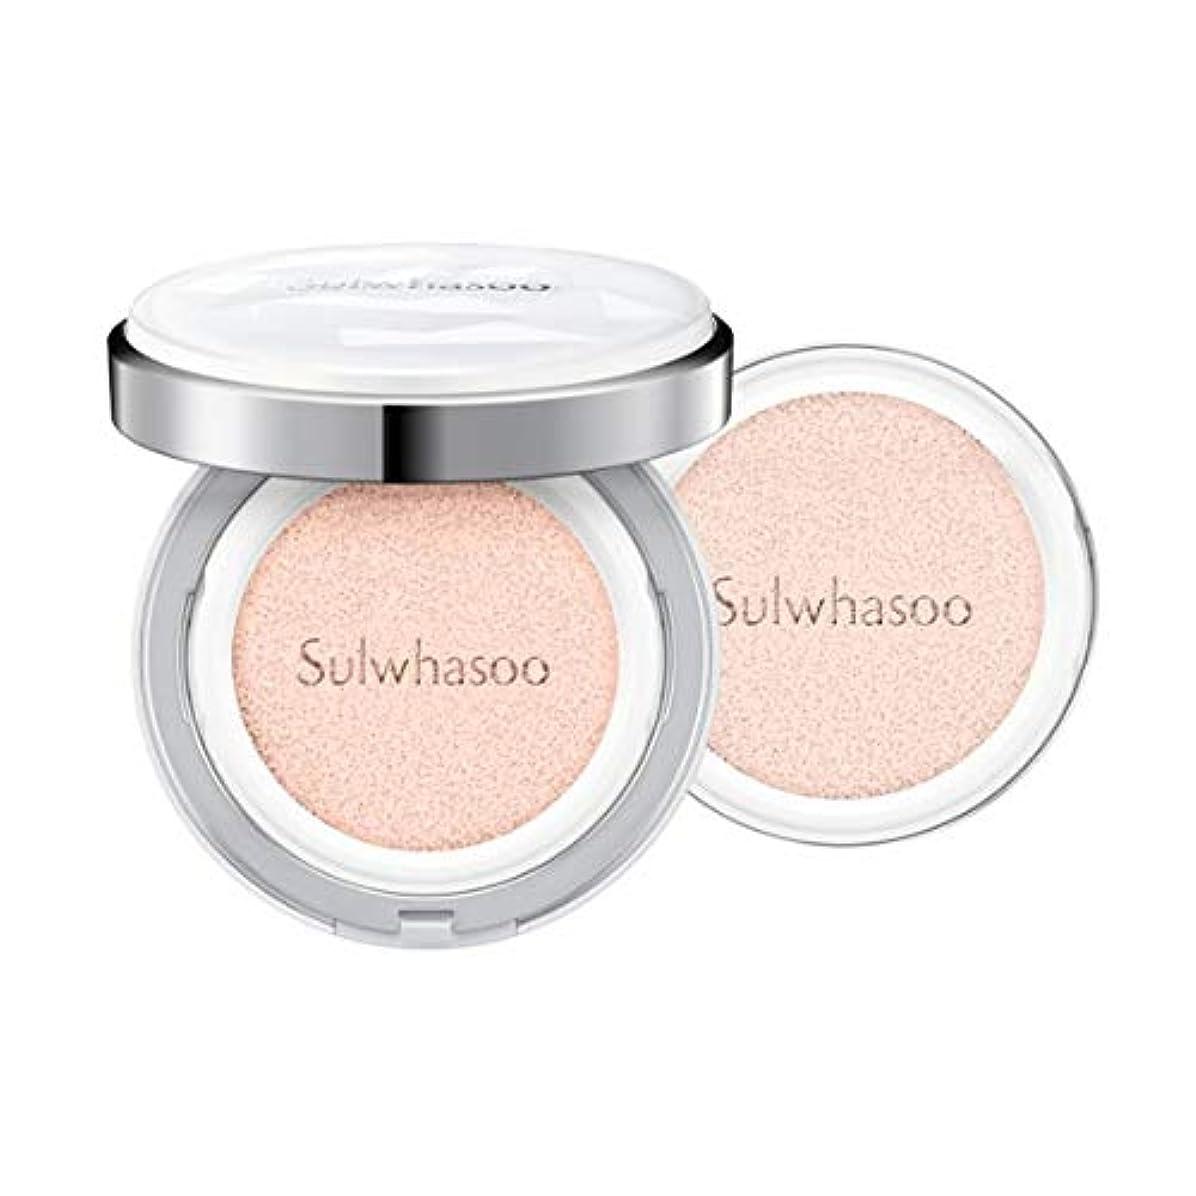 液体抵抗する固体[Sulwhasoo]雪花秀(ソルファス)滋晶(ジャジョン)ブライトニングクッション #21ナチュラルピンク SPF50+/PA+++ Snowise Brightening Cushion 21 Natural Pink